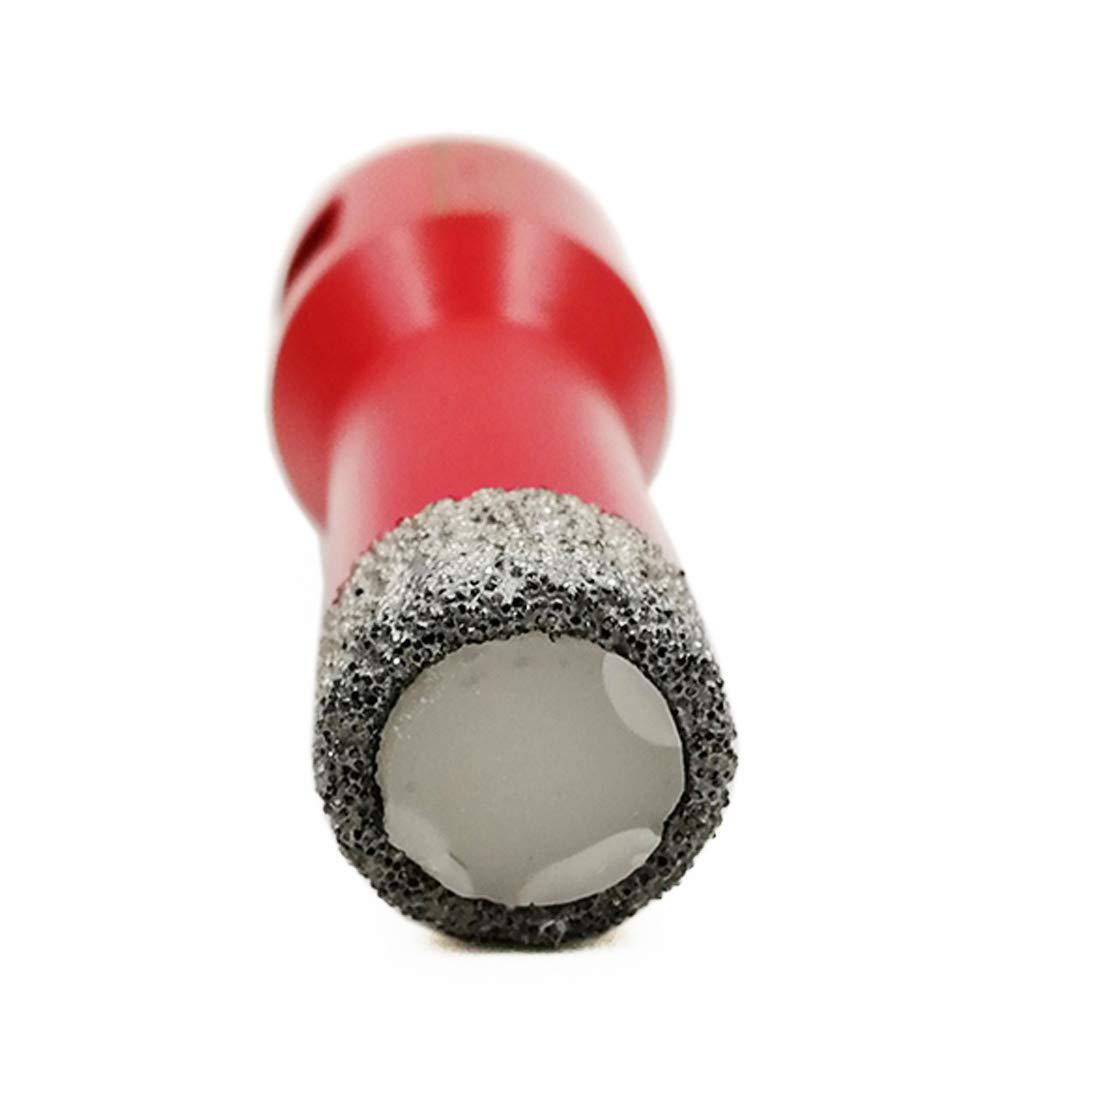 SHDIATOOL 2Pcs Forets Diamant/és Bras/é Sous Vide avec Connexion M14 Diamant Hauteur 10MM pour Carrelage C/éramique Granit Pierre Dia 16mm